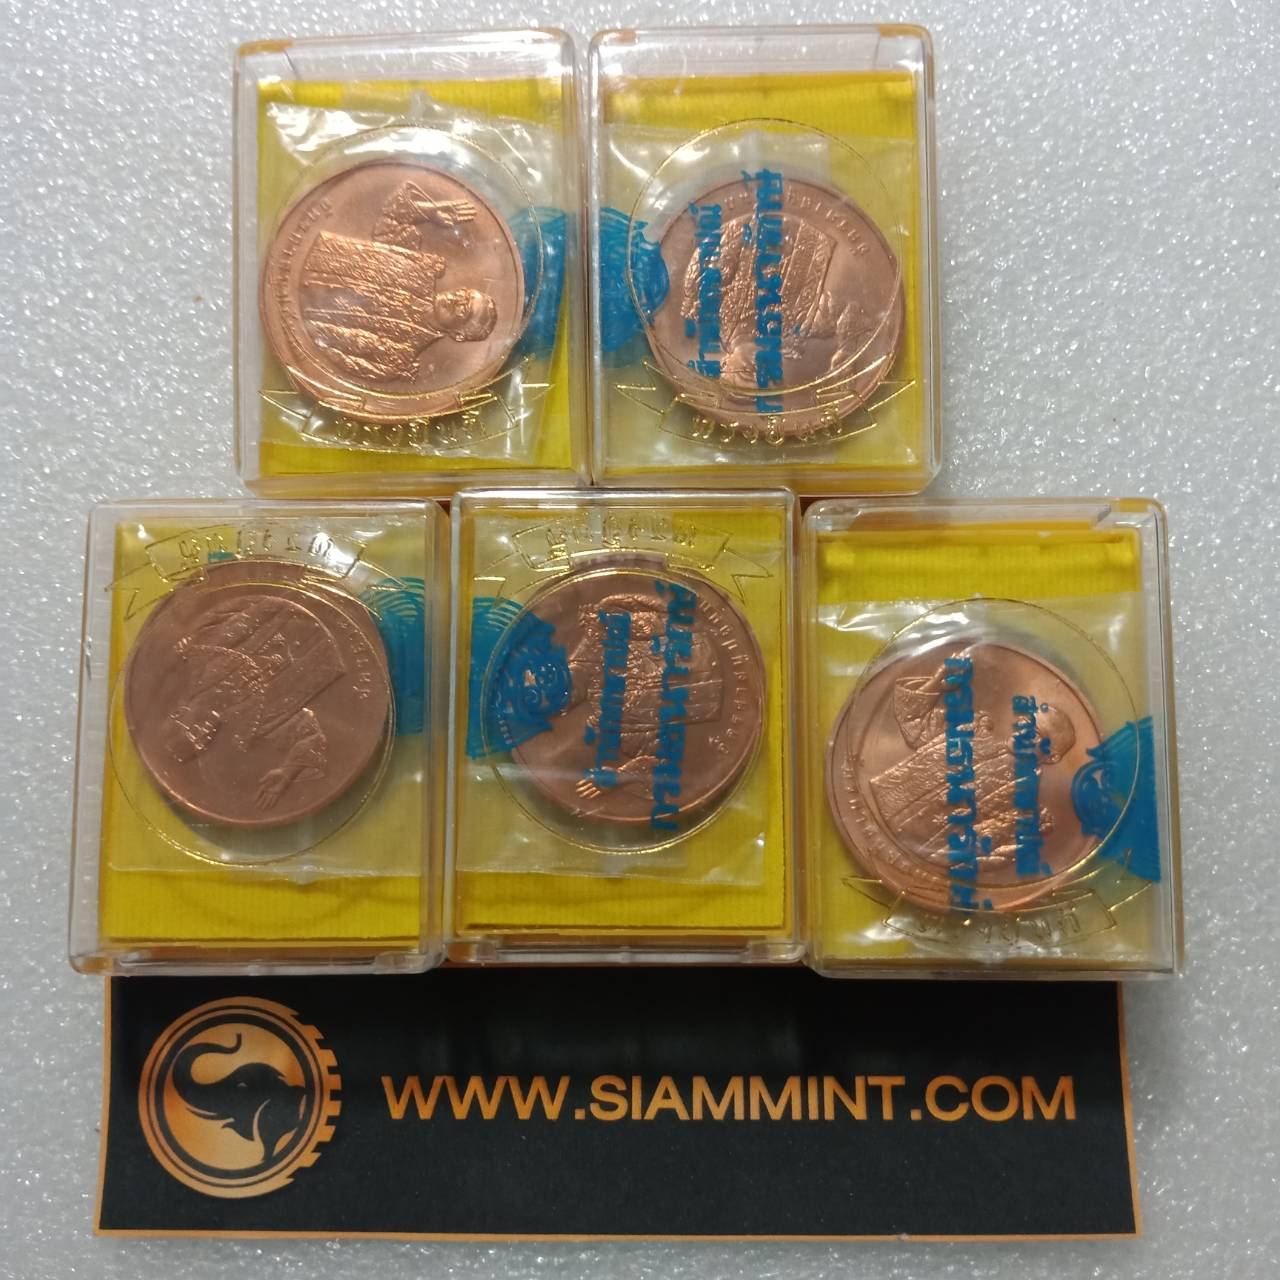 เหรียญทรงยินดี ที่ระลึกรัชกาลที่ 9 พ.ศ.2549 เนื้อทองแดง